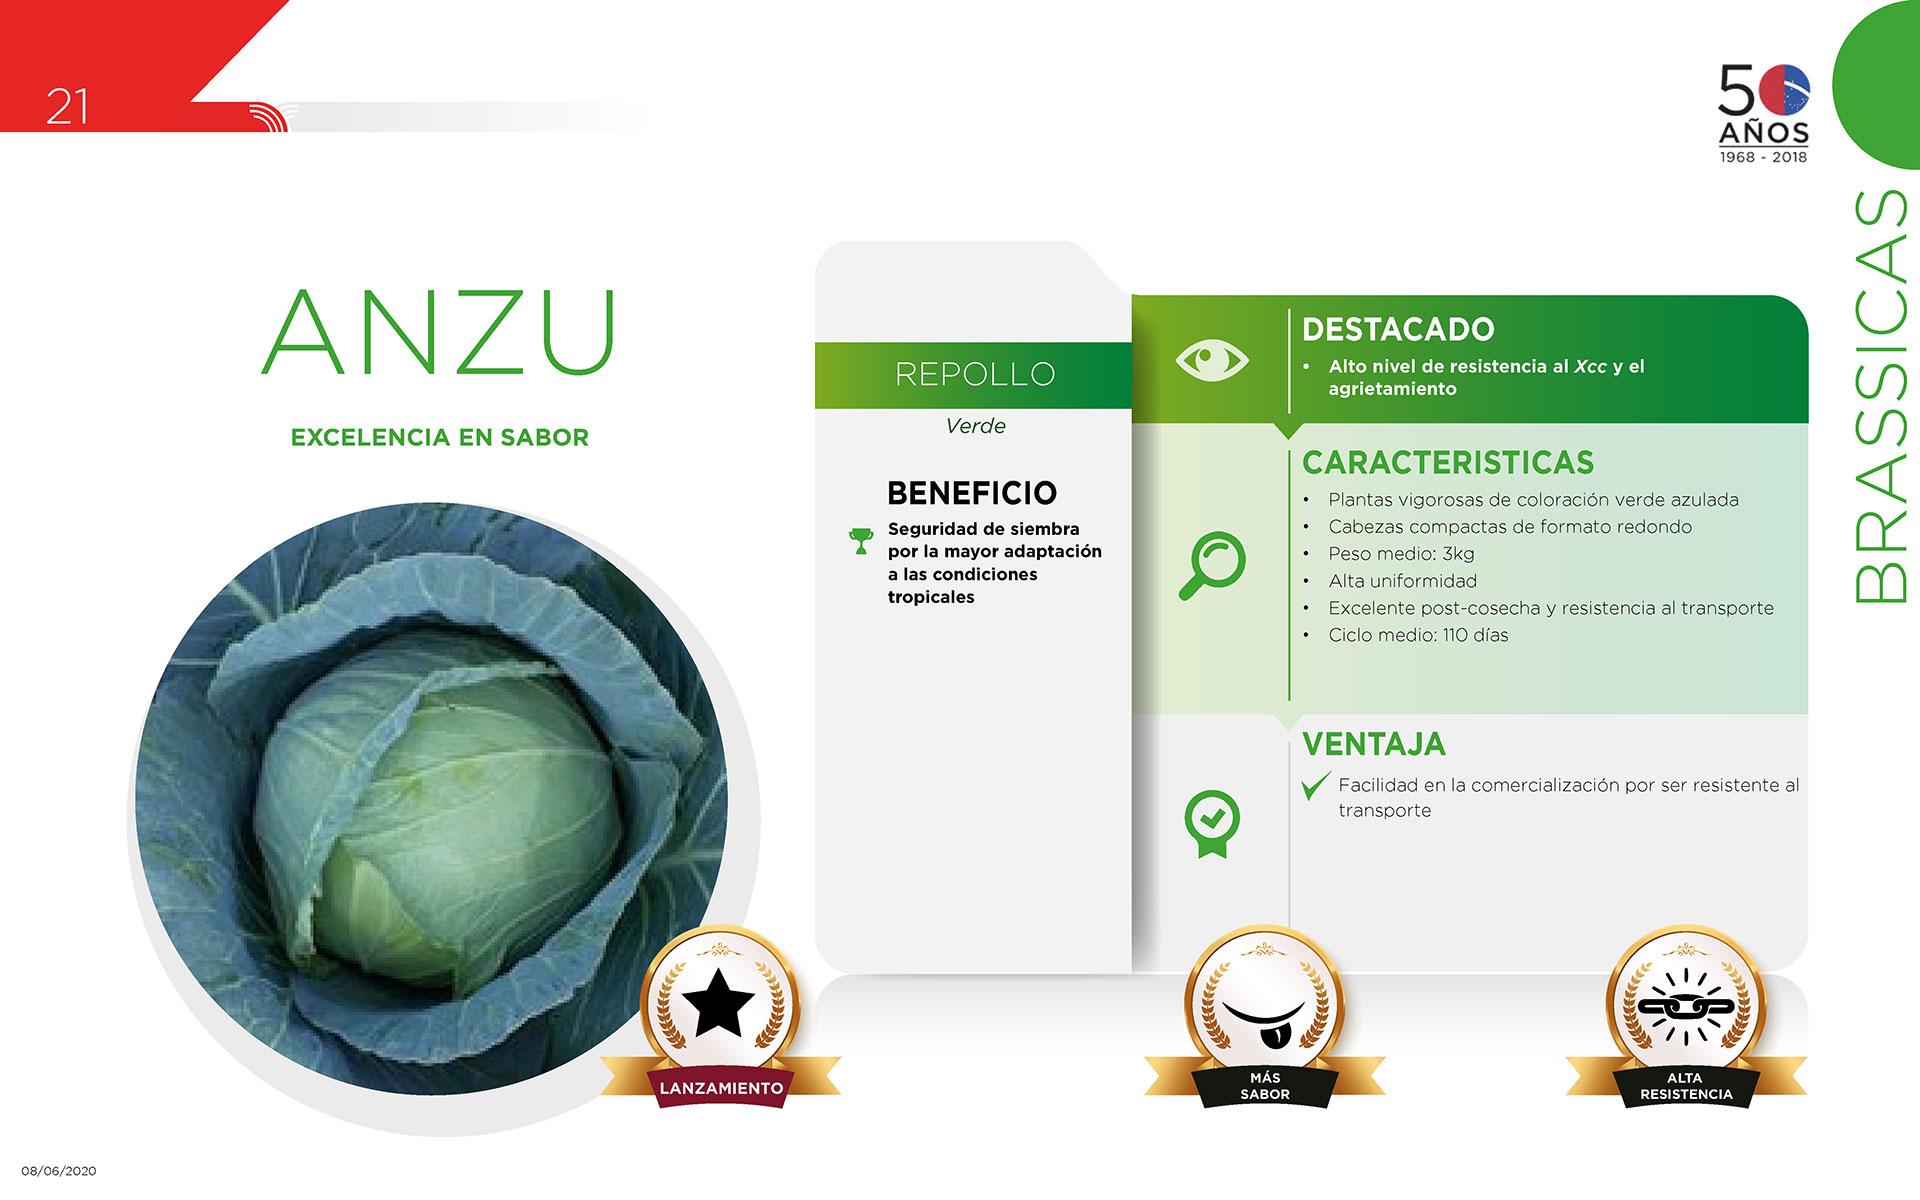 Anzu - Brassicas